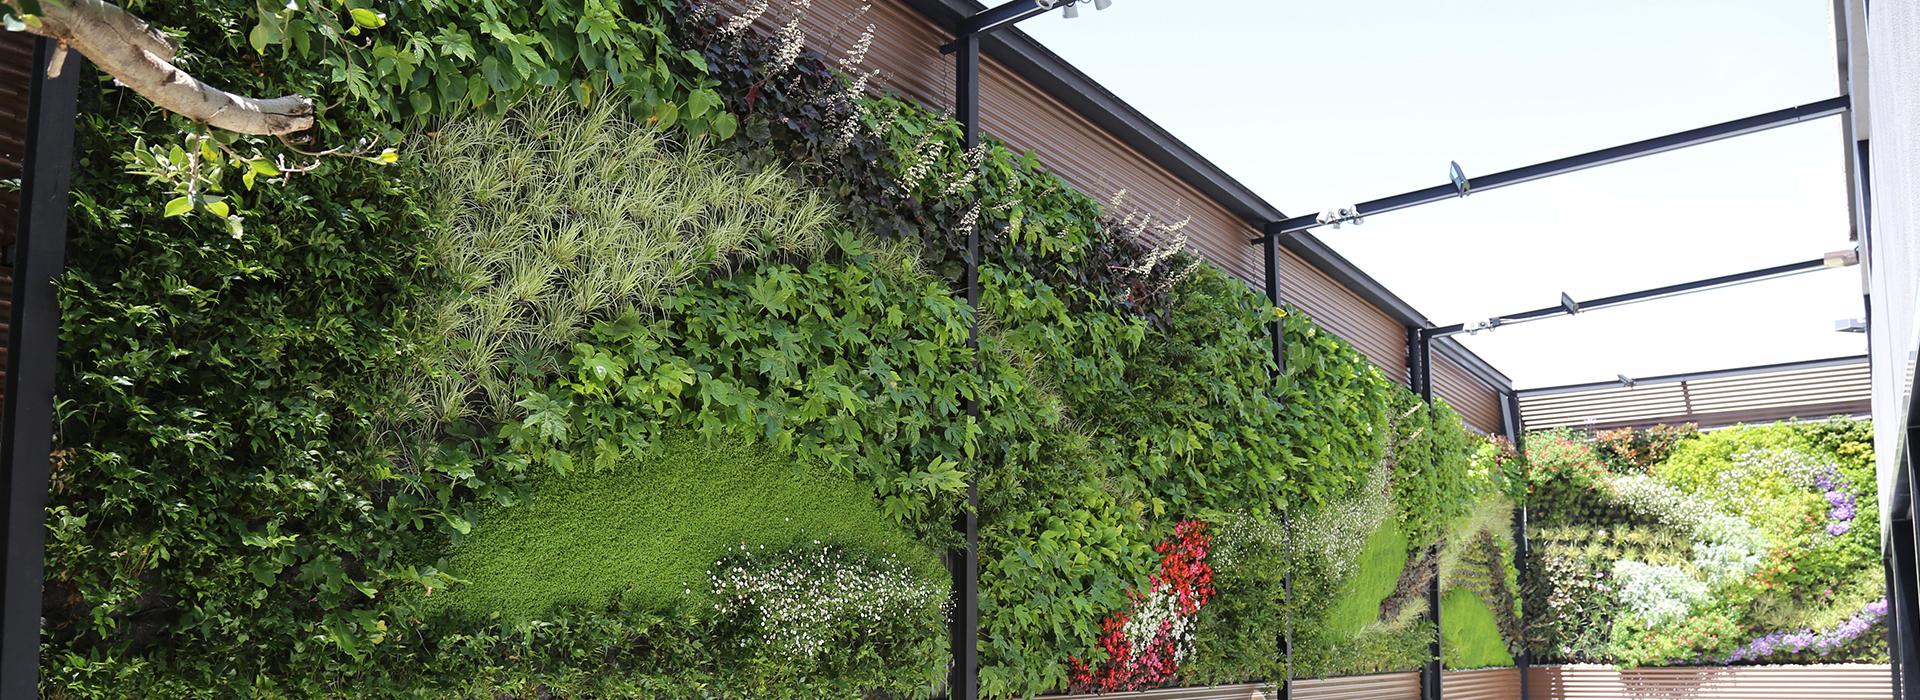 Empresa de jardinería | Jardinería en Cantabria